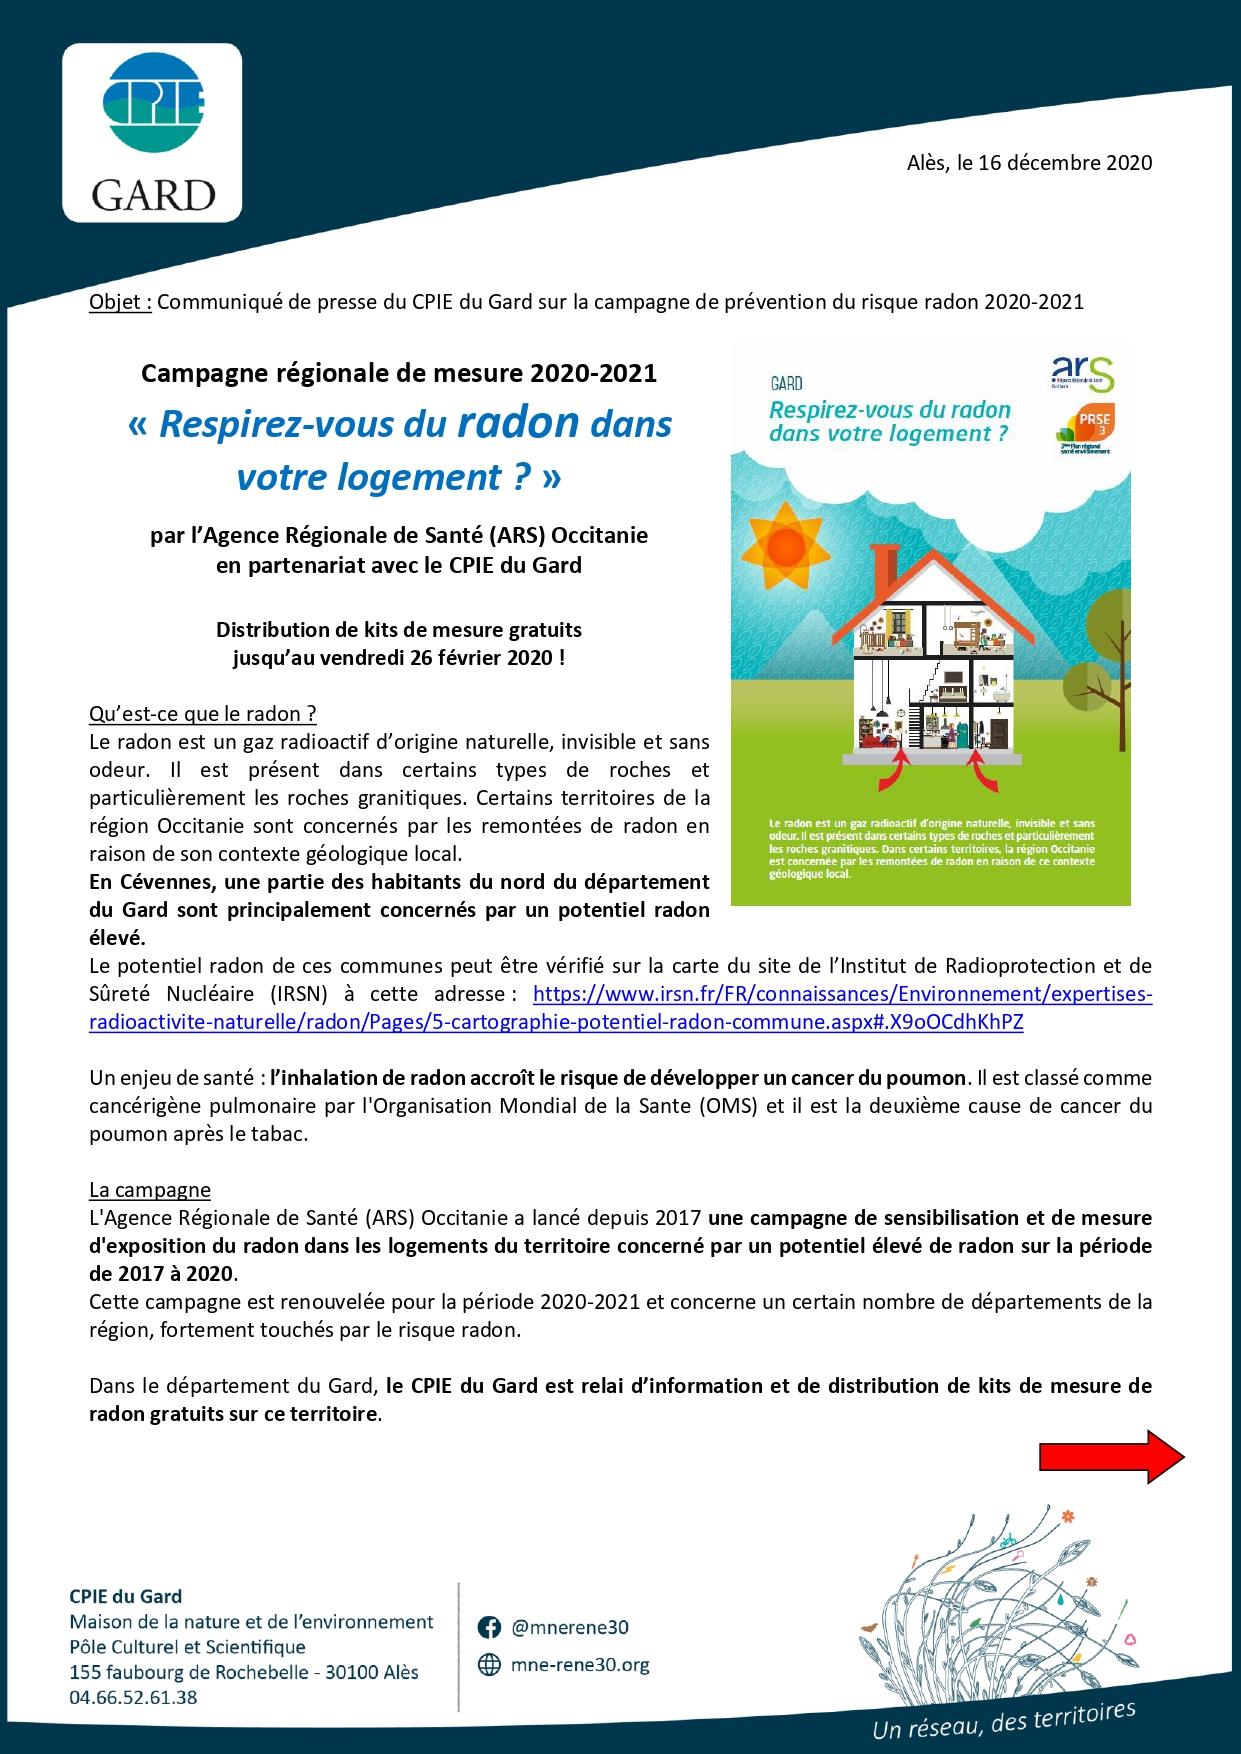 Communiqué de presse du CPIE du _Gard - Campagne de mesure du rad_on 20-21 ARS_page-0001.jpg